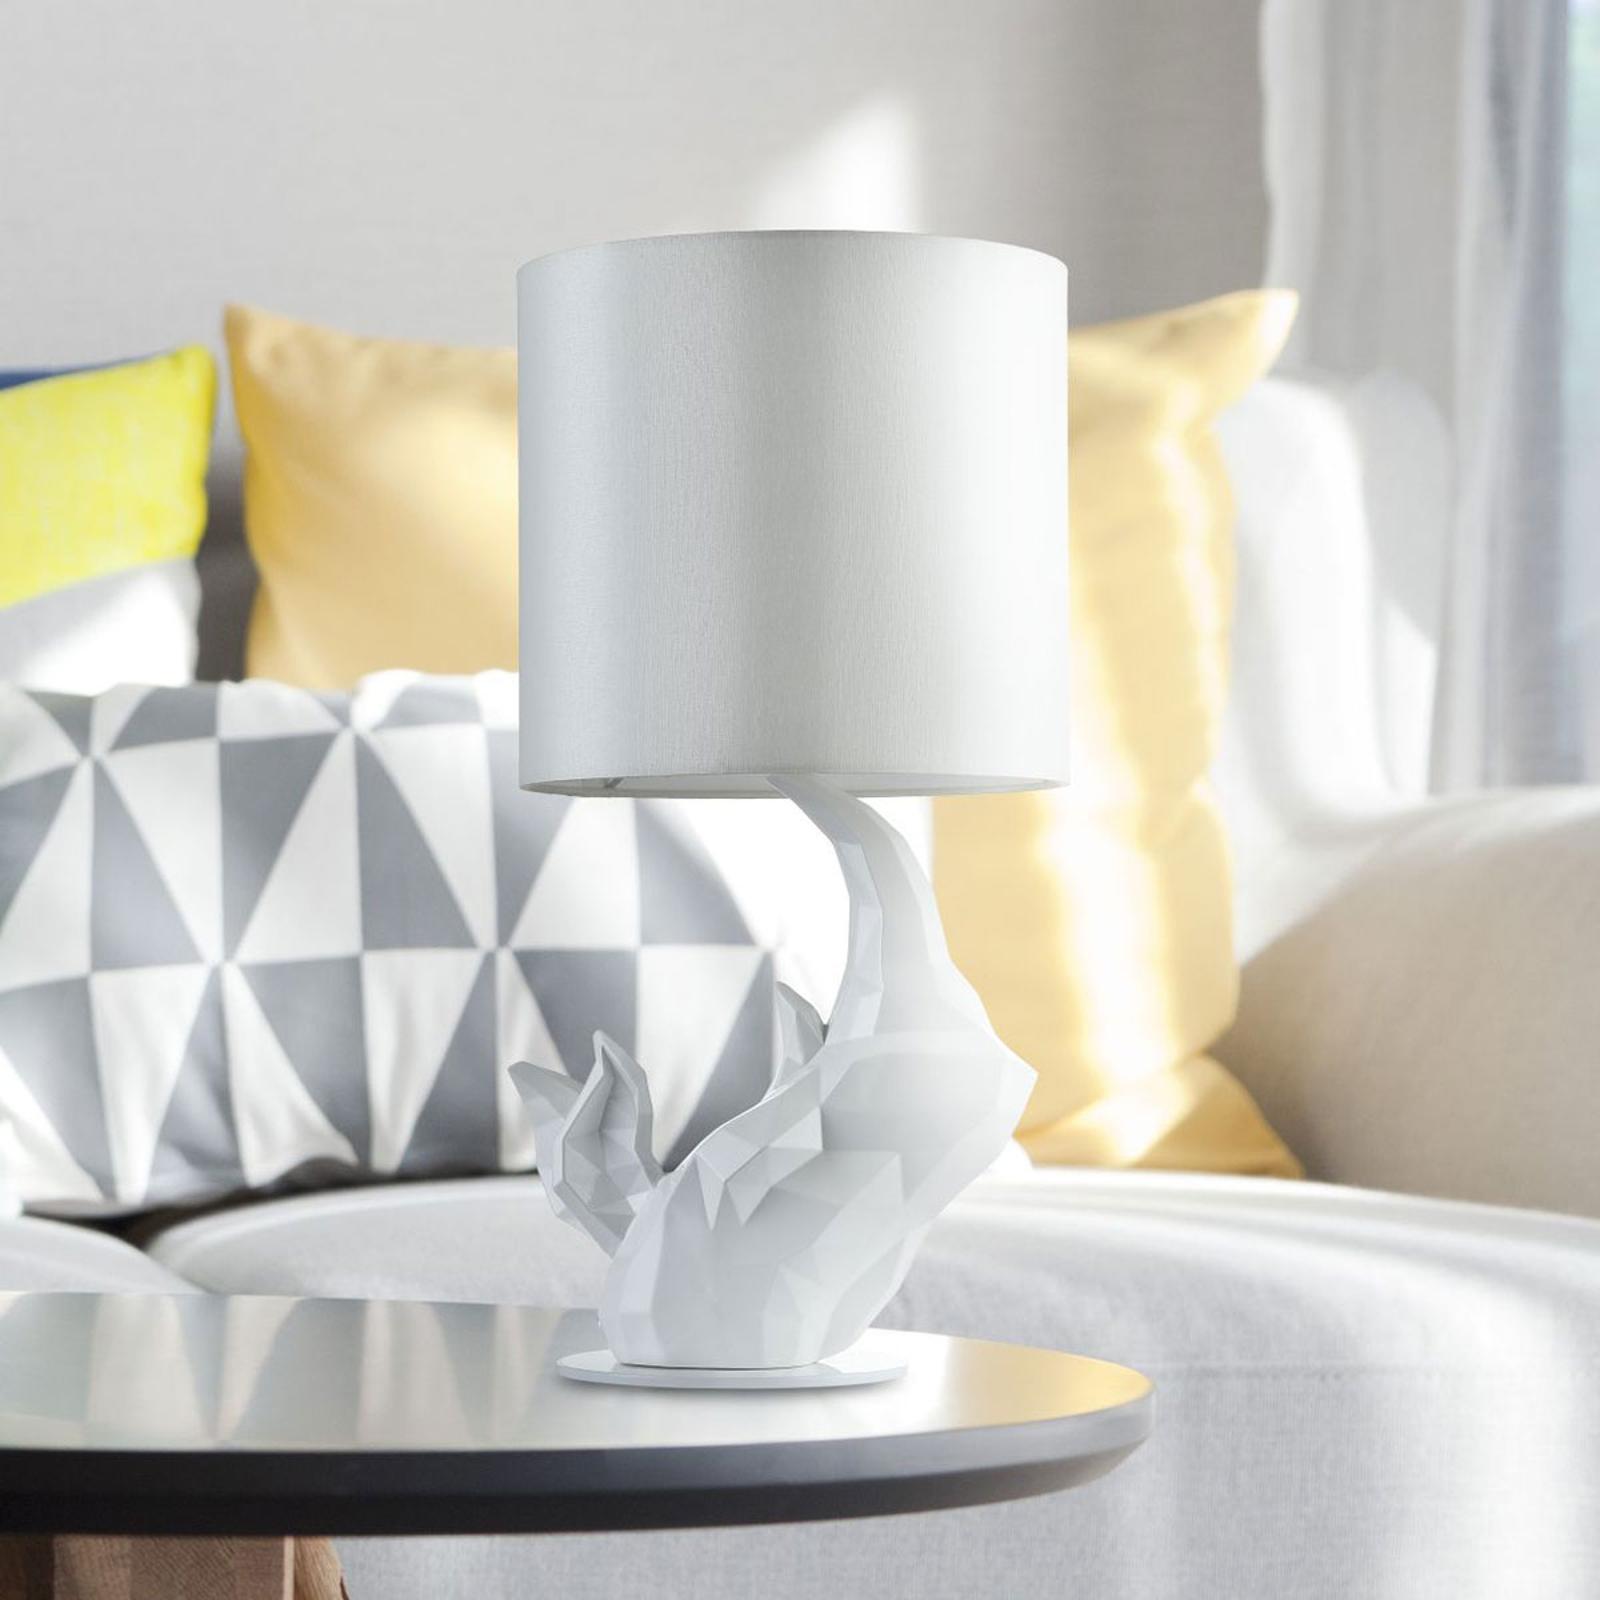 Lampada da tavolo Nashorn bianco